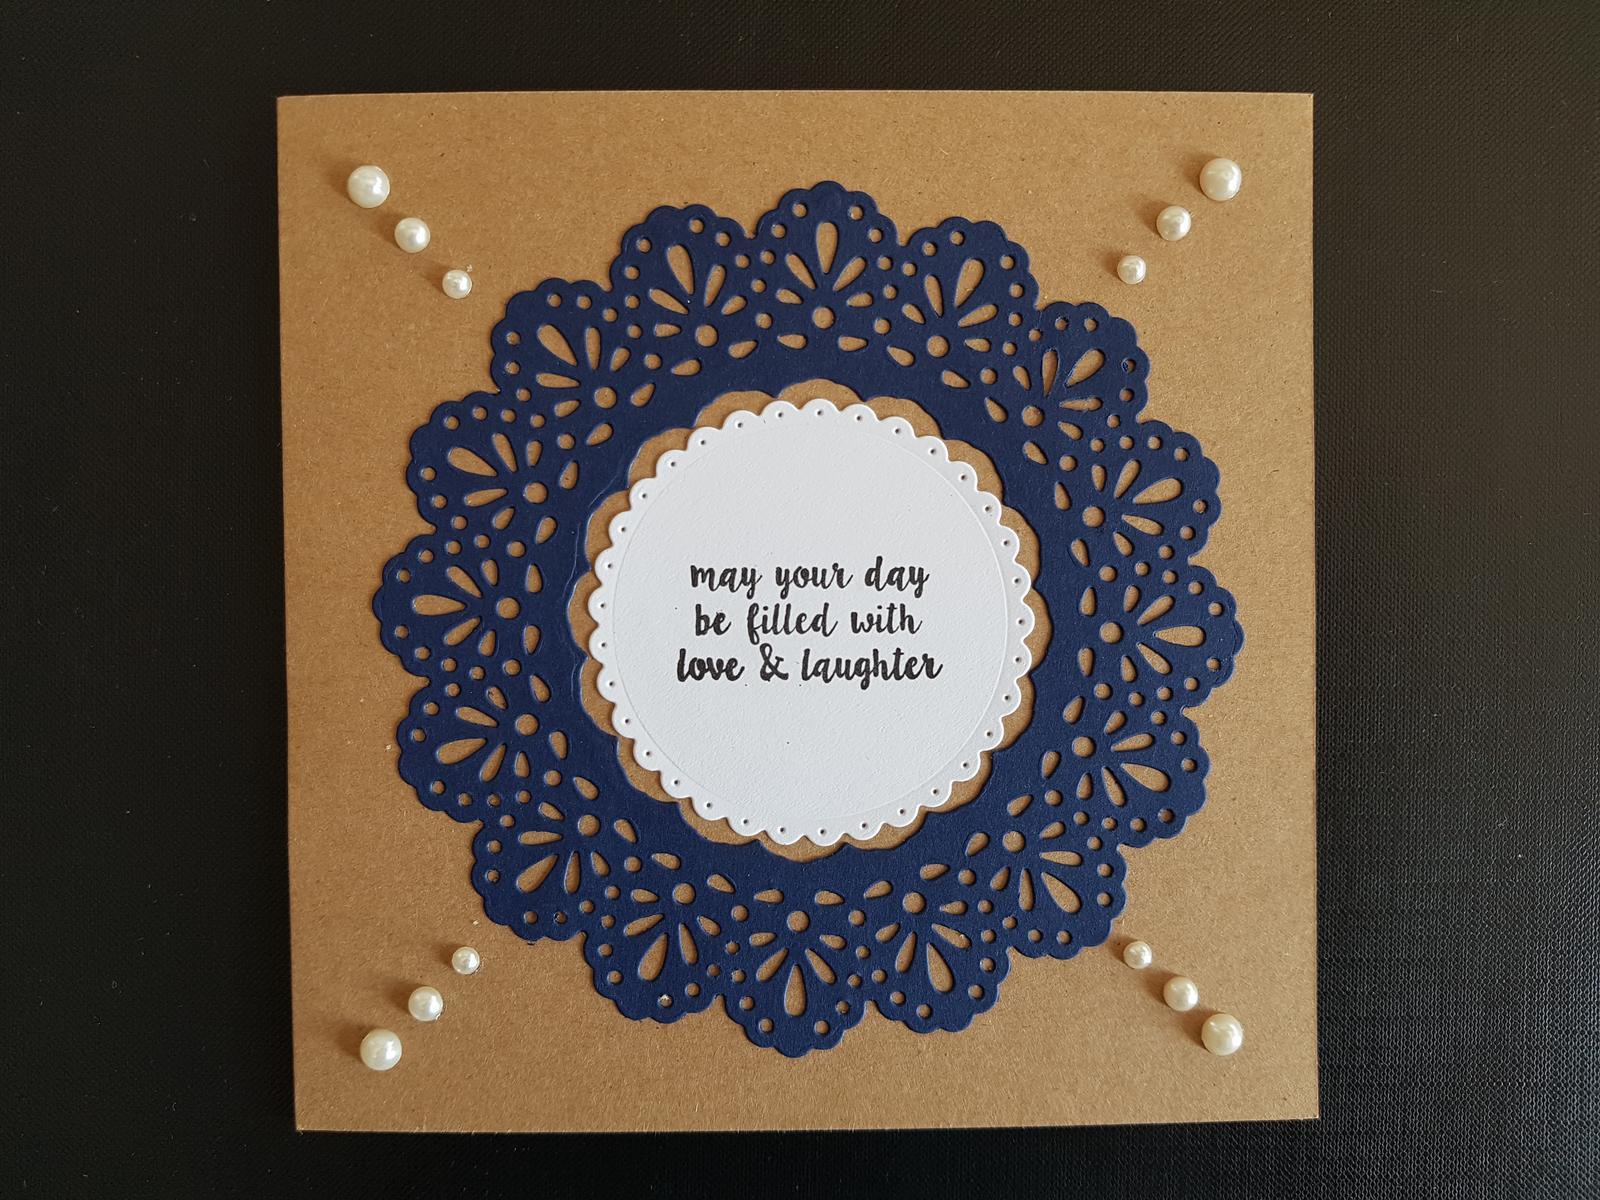 Love & Laughter - Die Cut Card